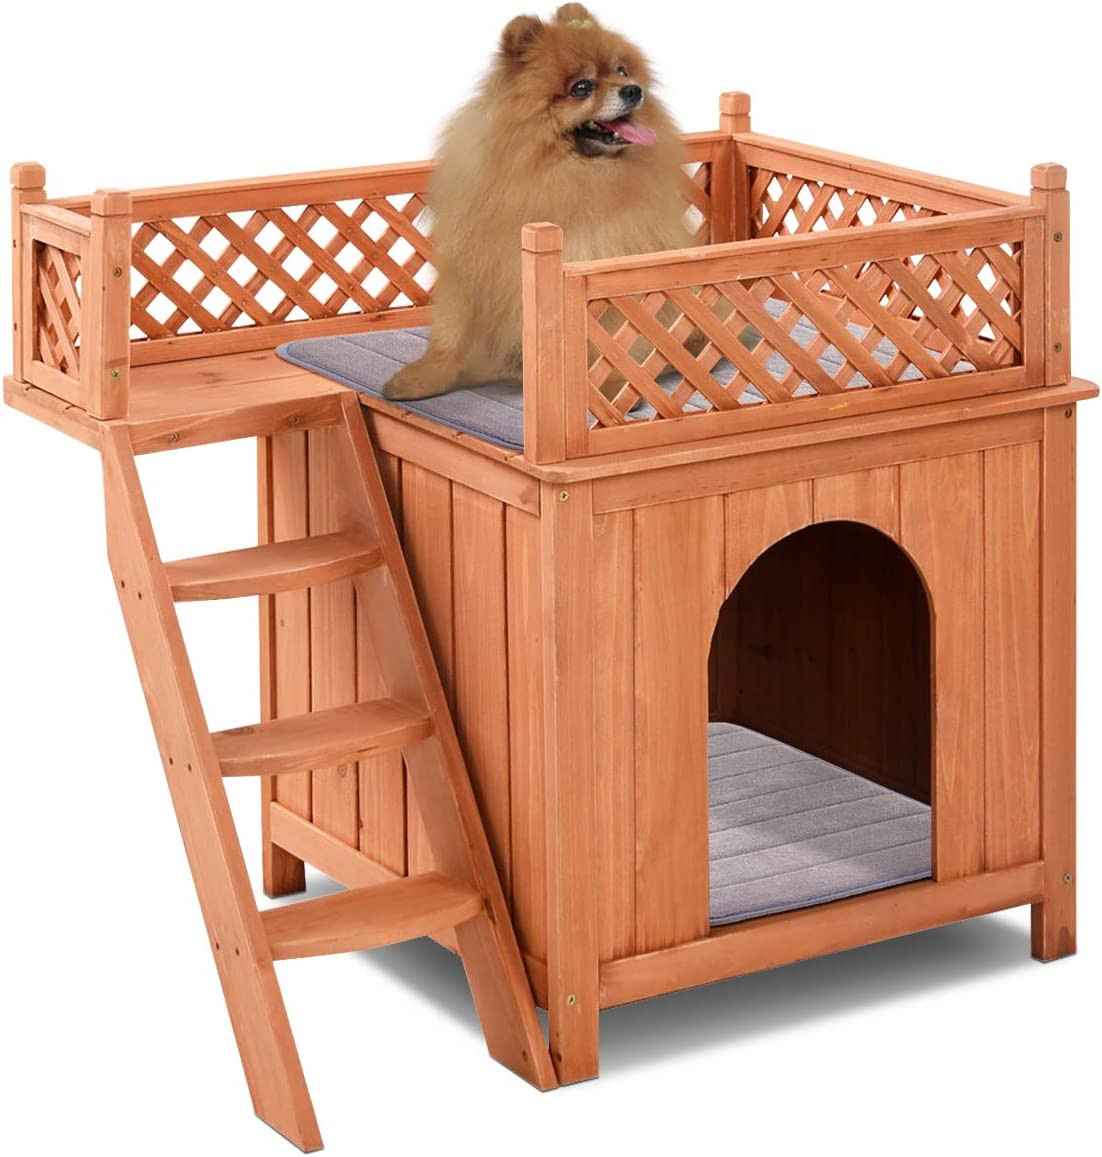 PETSITE Wooden Pet Dog House